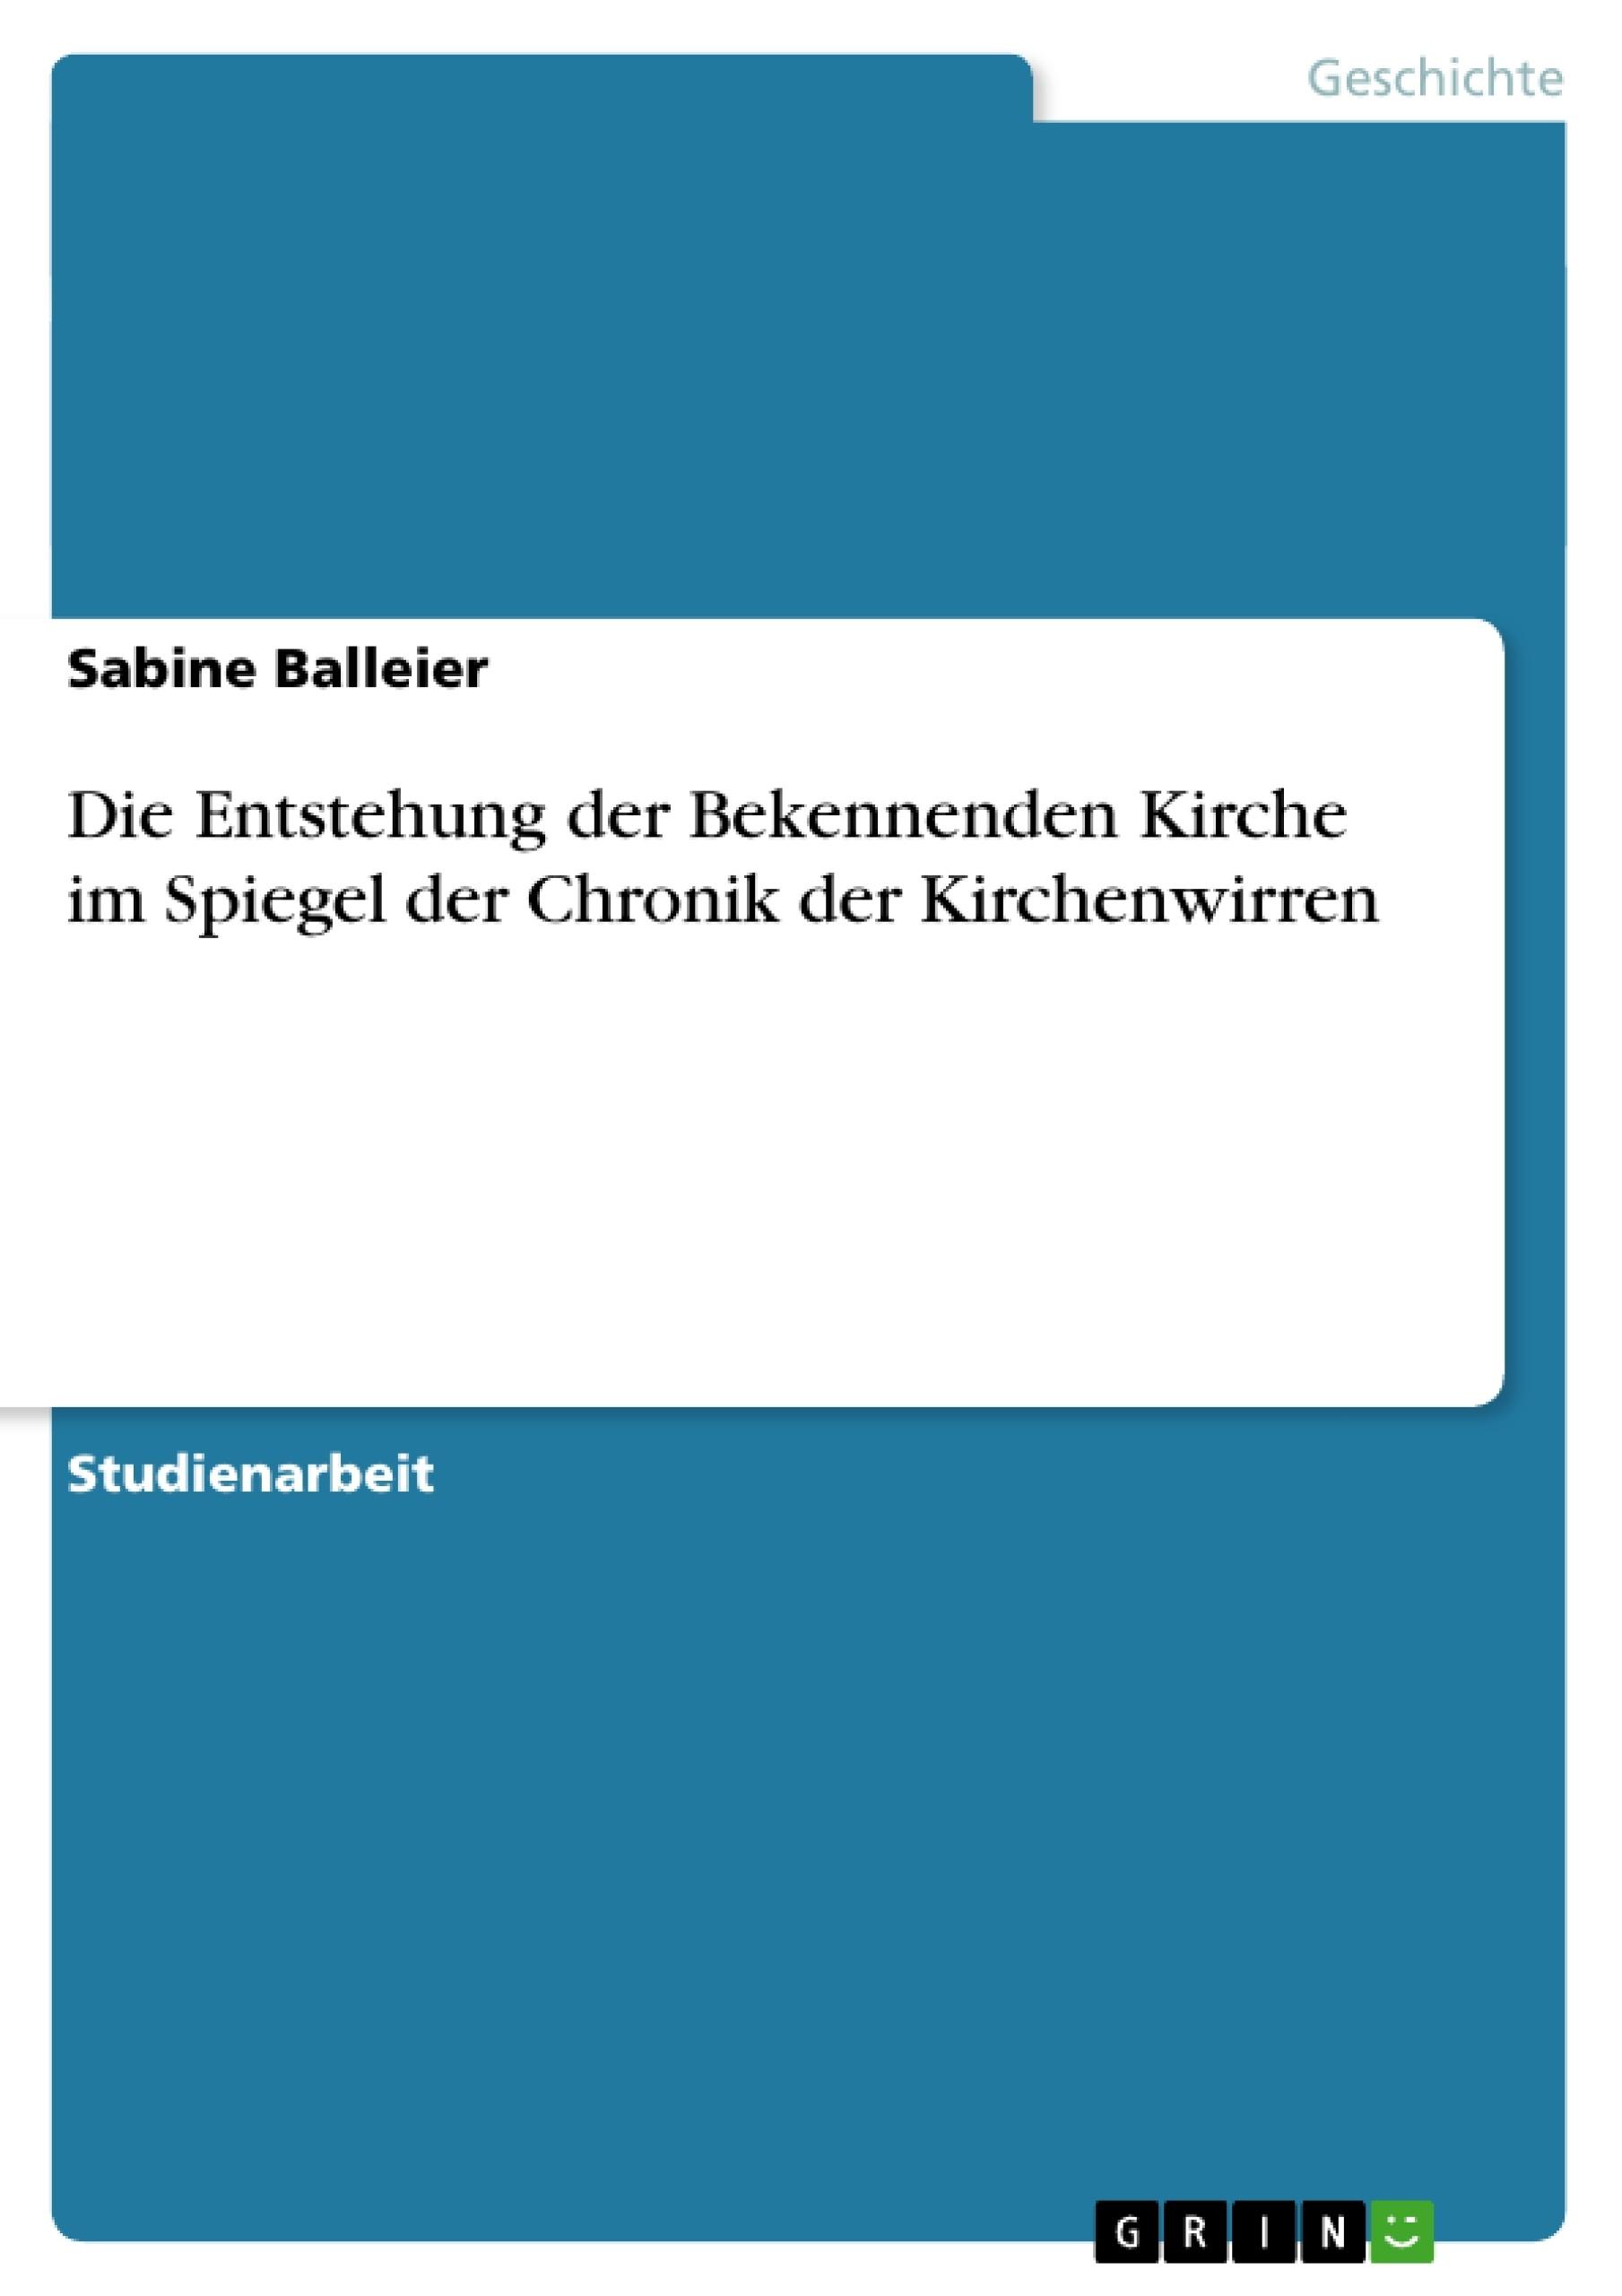 Titel: Die Entstehung der Bekennenden Kirche im Spiegel der Chronik der Kirchenwirren